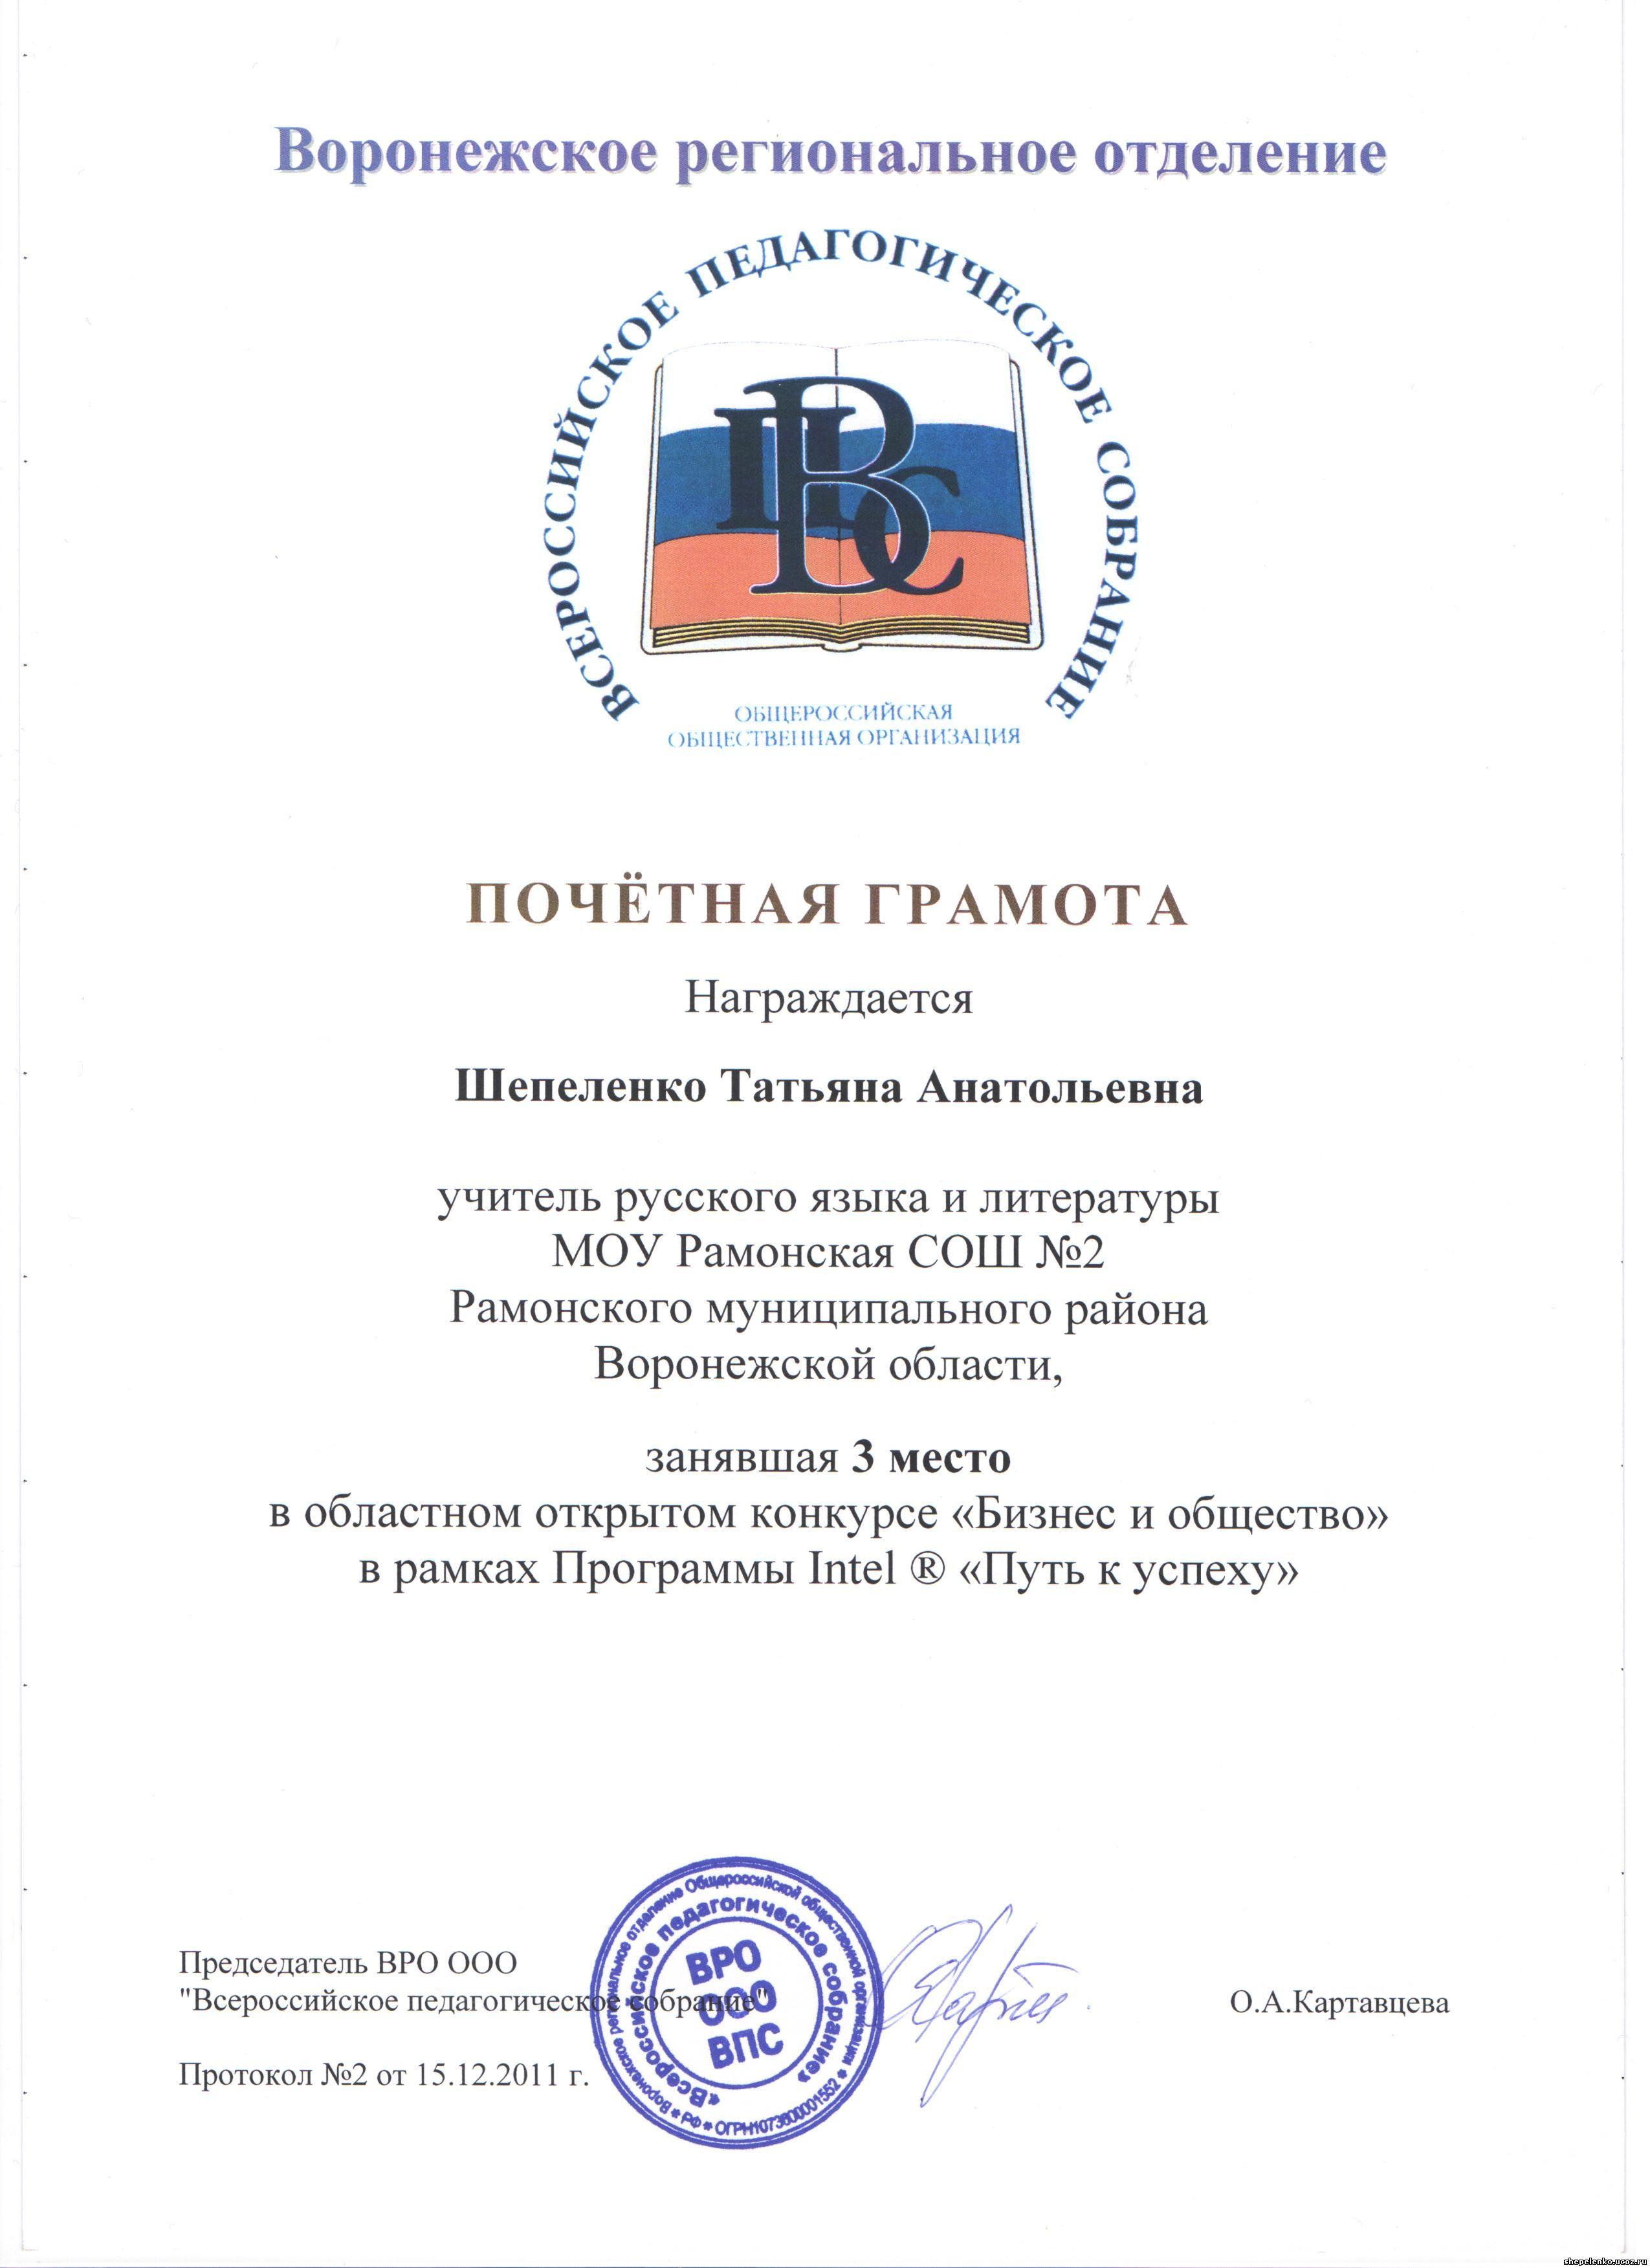 Сайт учителя русского языка и литературы - Грамоты и сертификаты